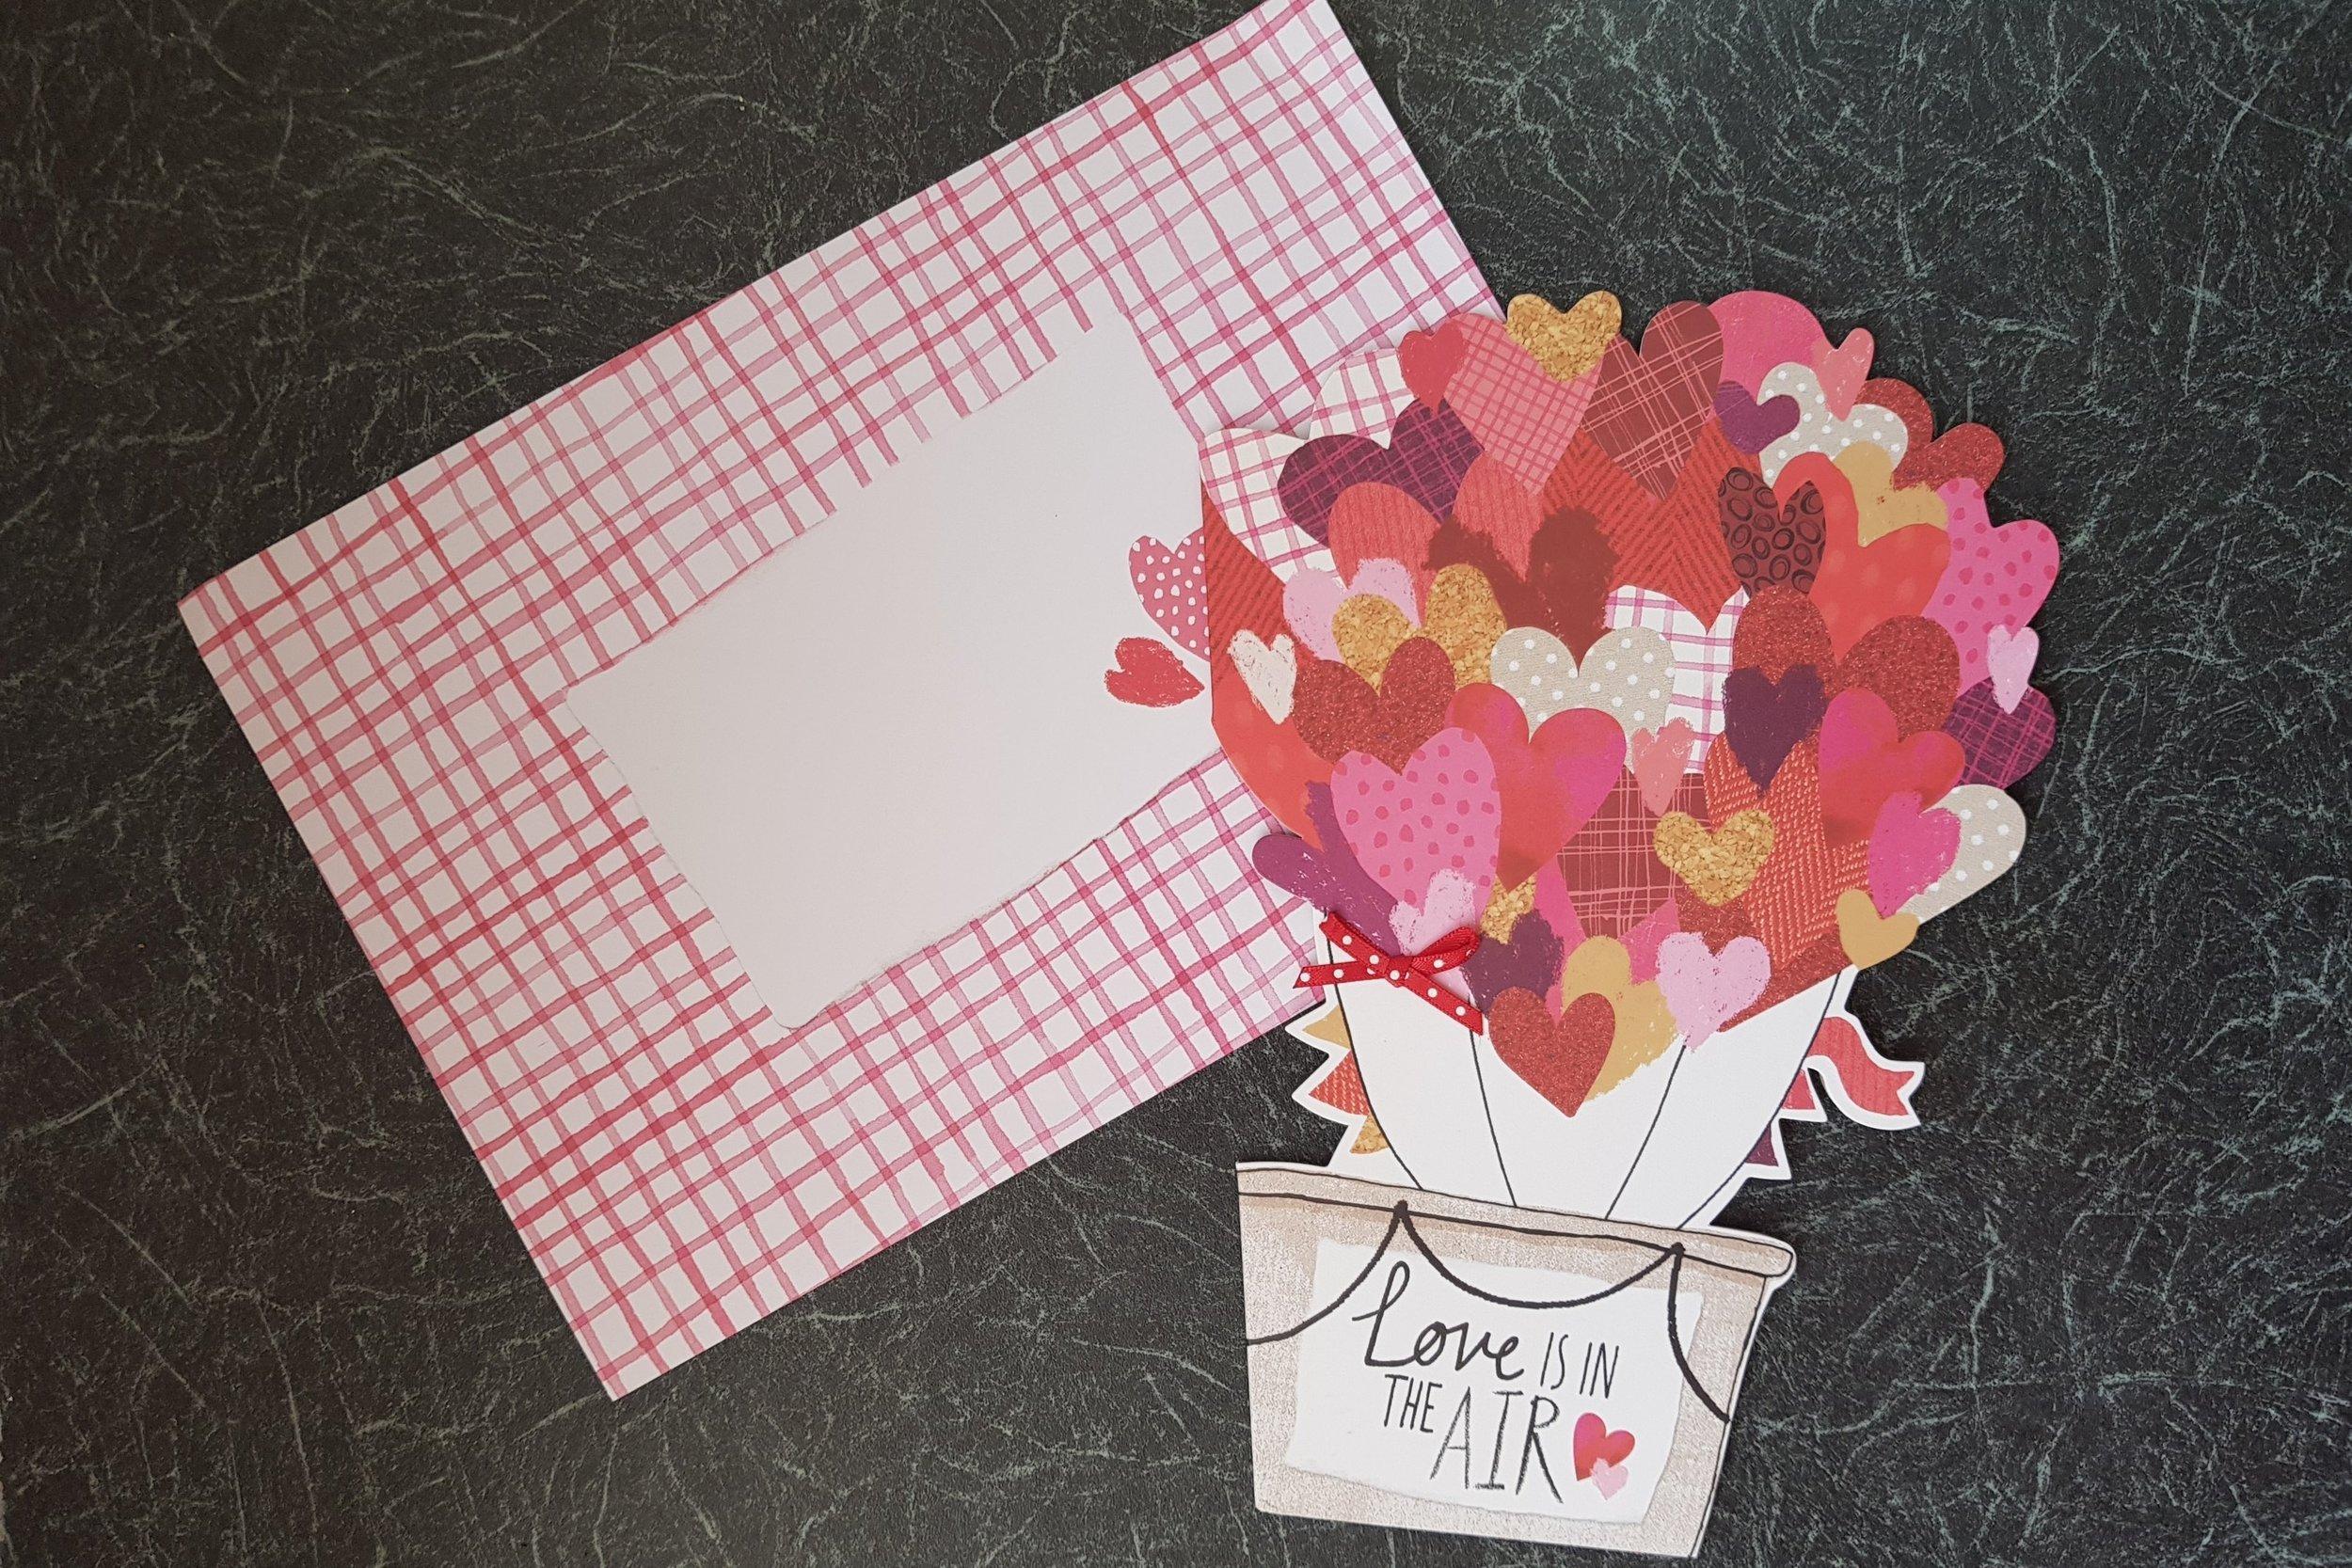 Love is in the air hot air balloon Hallmark card